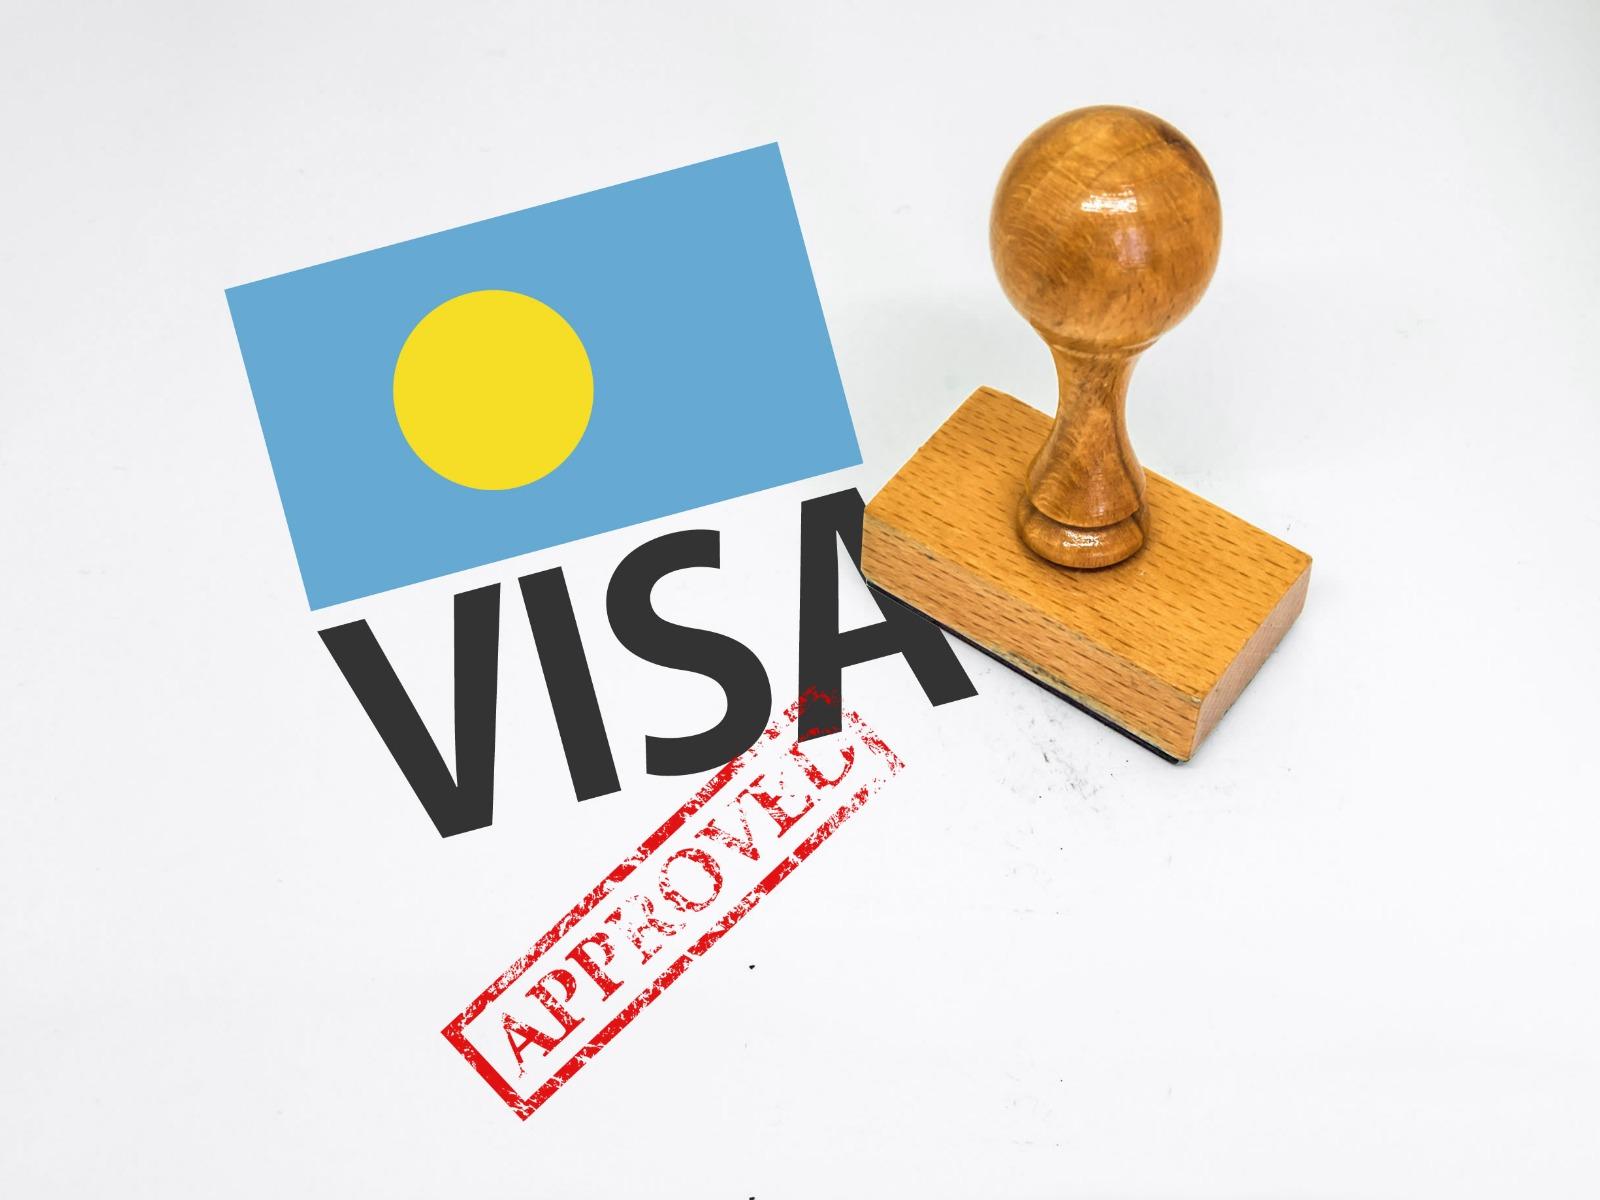 パラオ旅行におけるビザと入出国のこと|経由国の入国や観光の許可証に注意